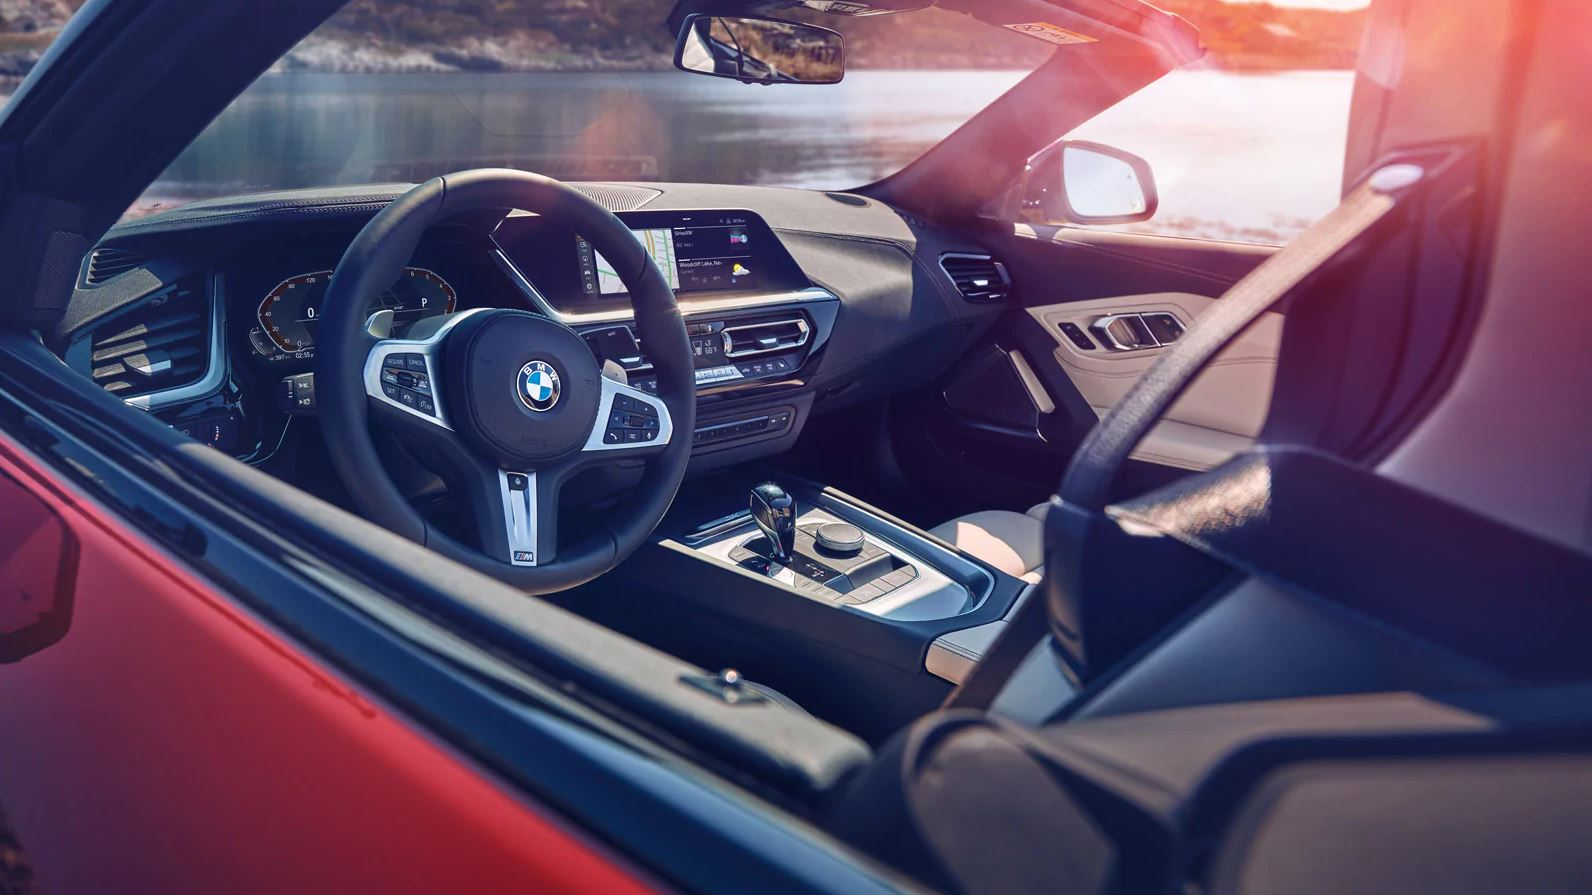 2020 BMW Z4 Dashboard